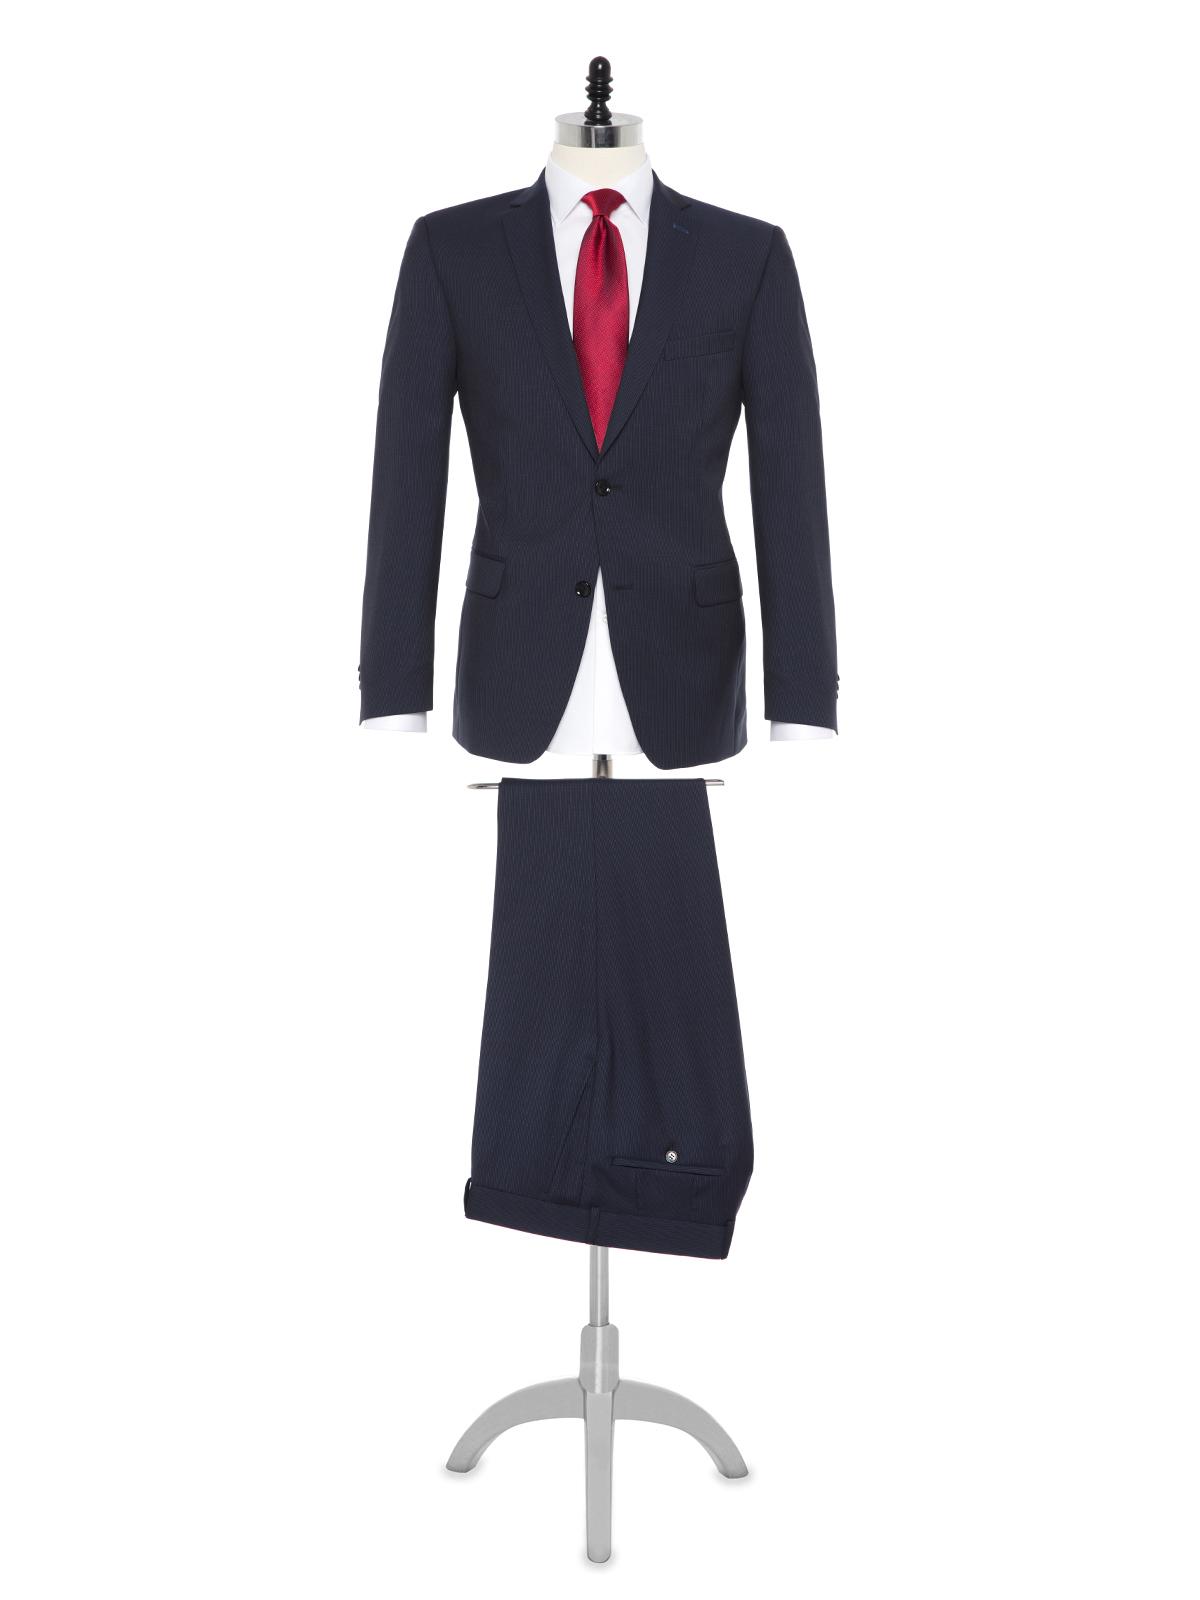 Carl Gross - Carl Gross Reda Süper 100'S K.Lacivert Çizgili Yün Takım Elbise